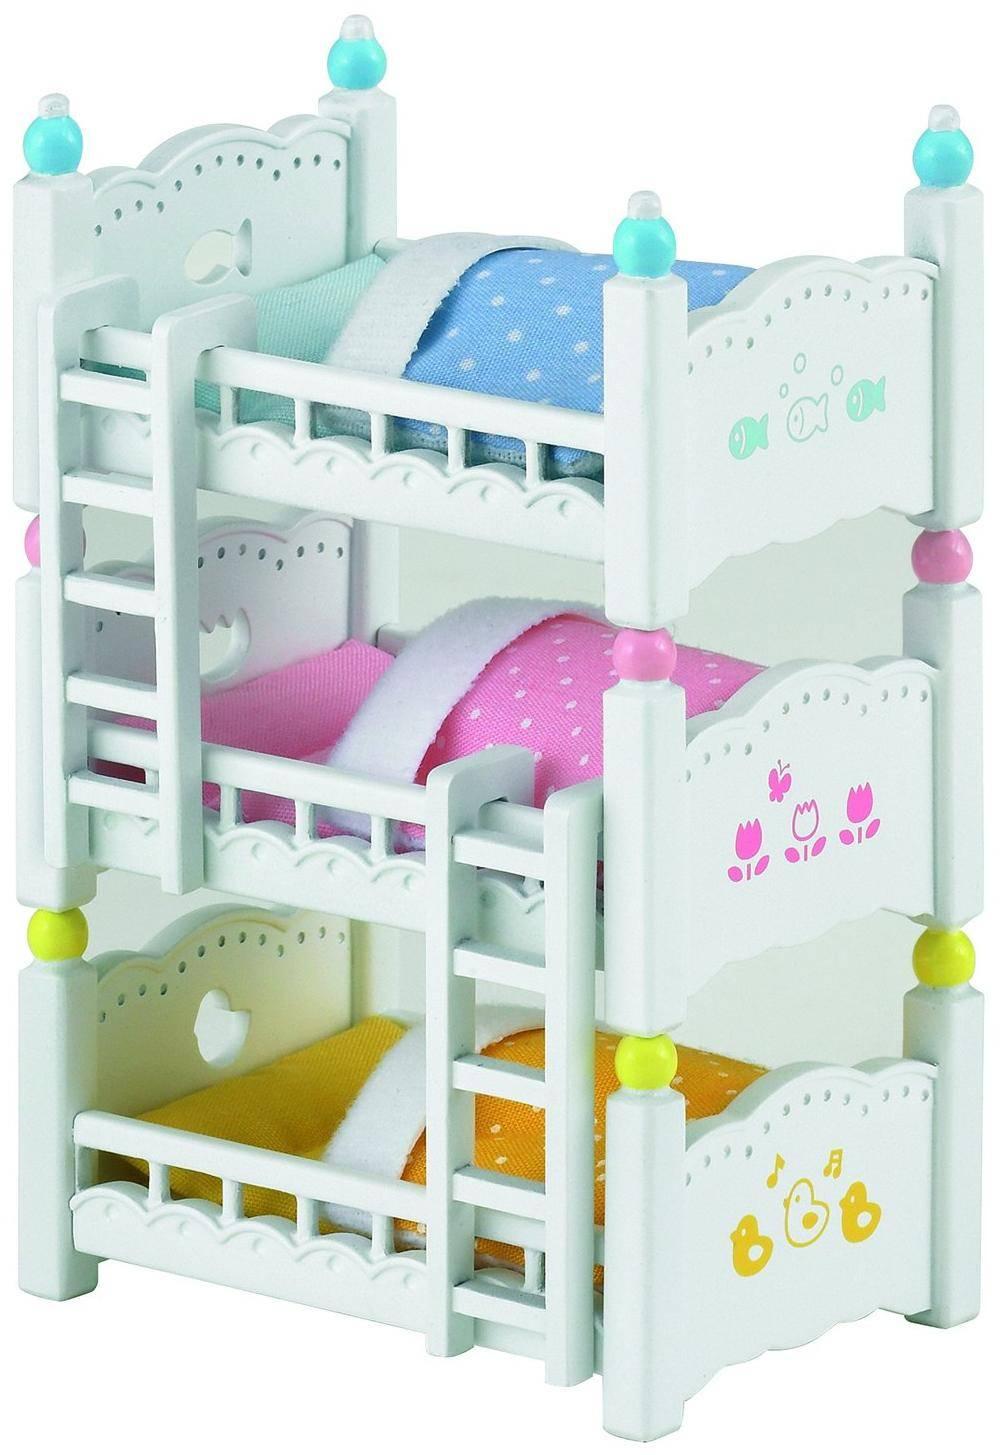 Купить Sylvanian Families Трехъярусная кровать - набор мебели, Китай